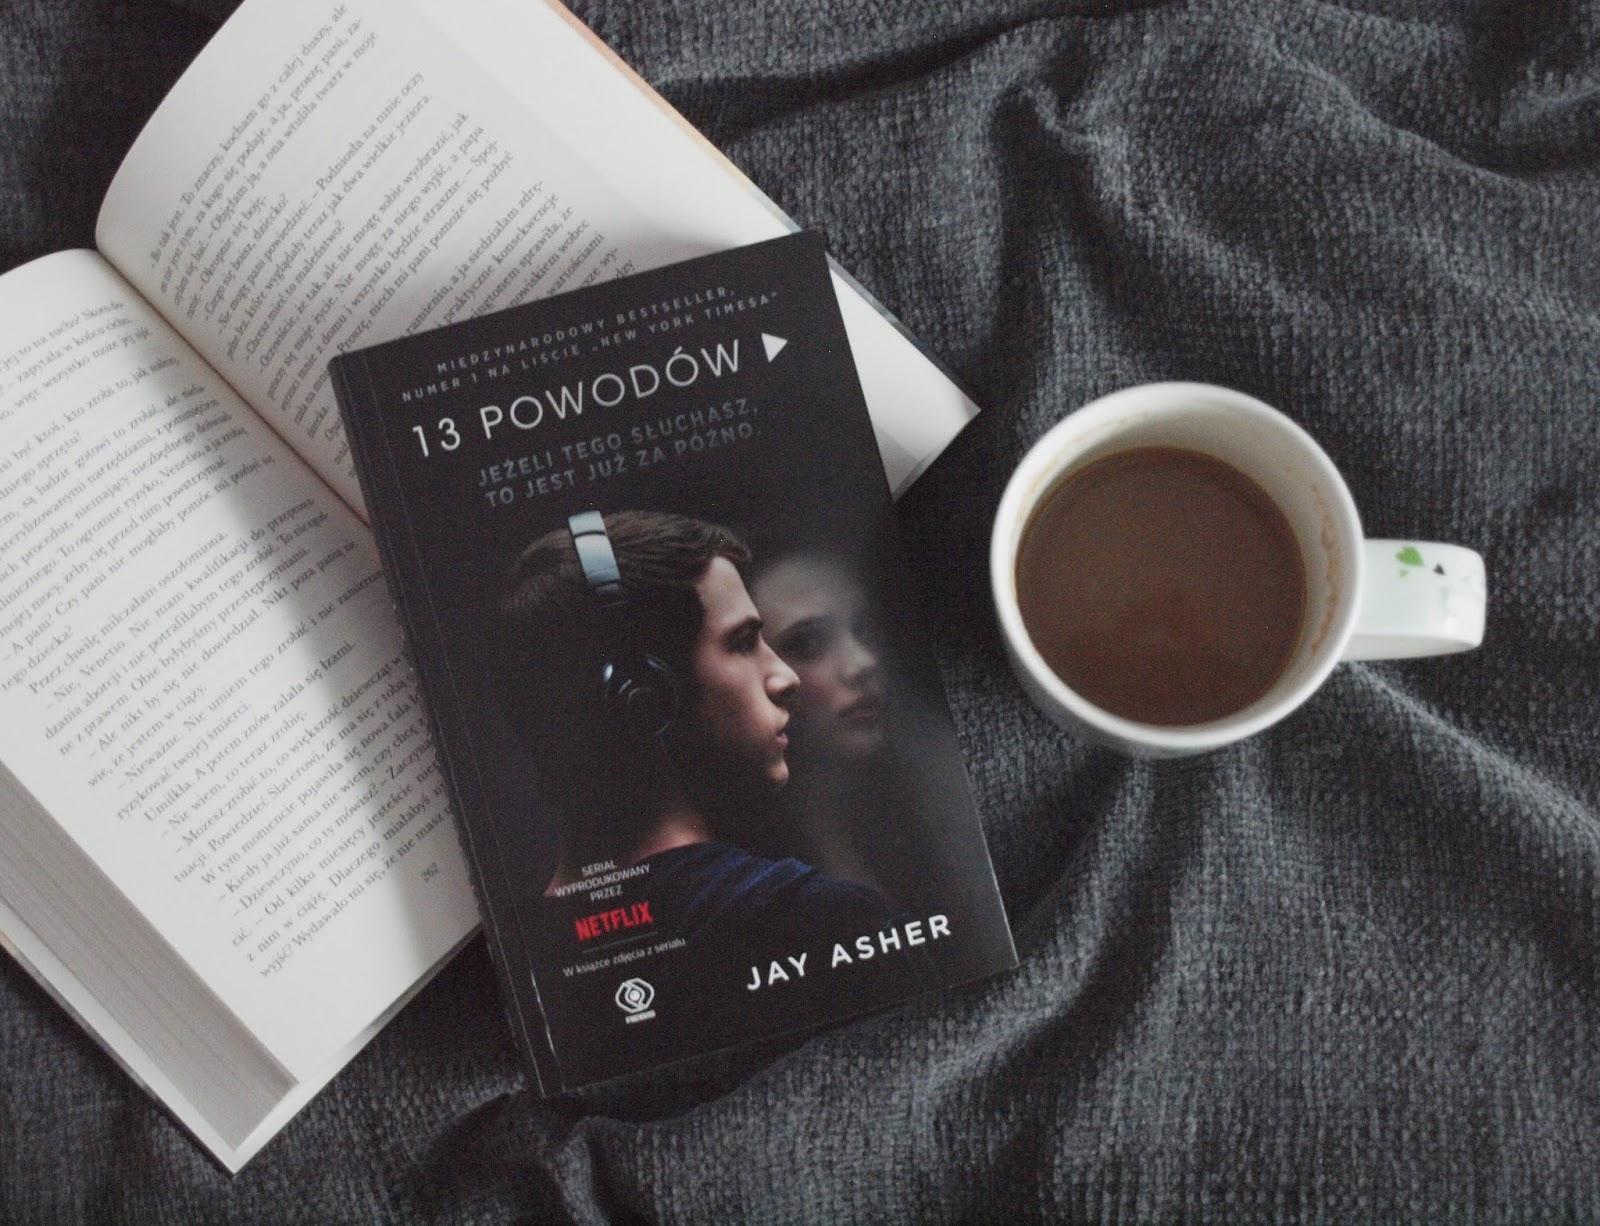 13 powodów - Jay Asher